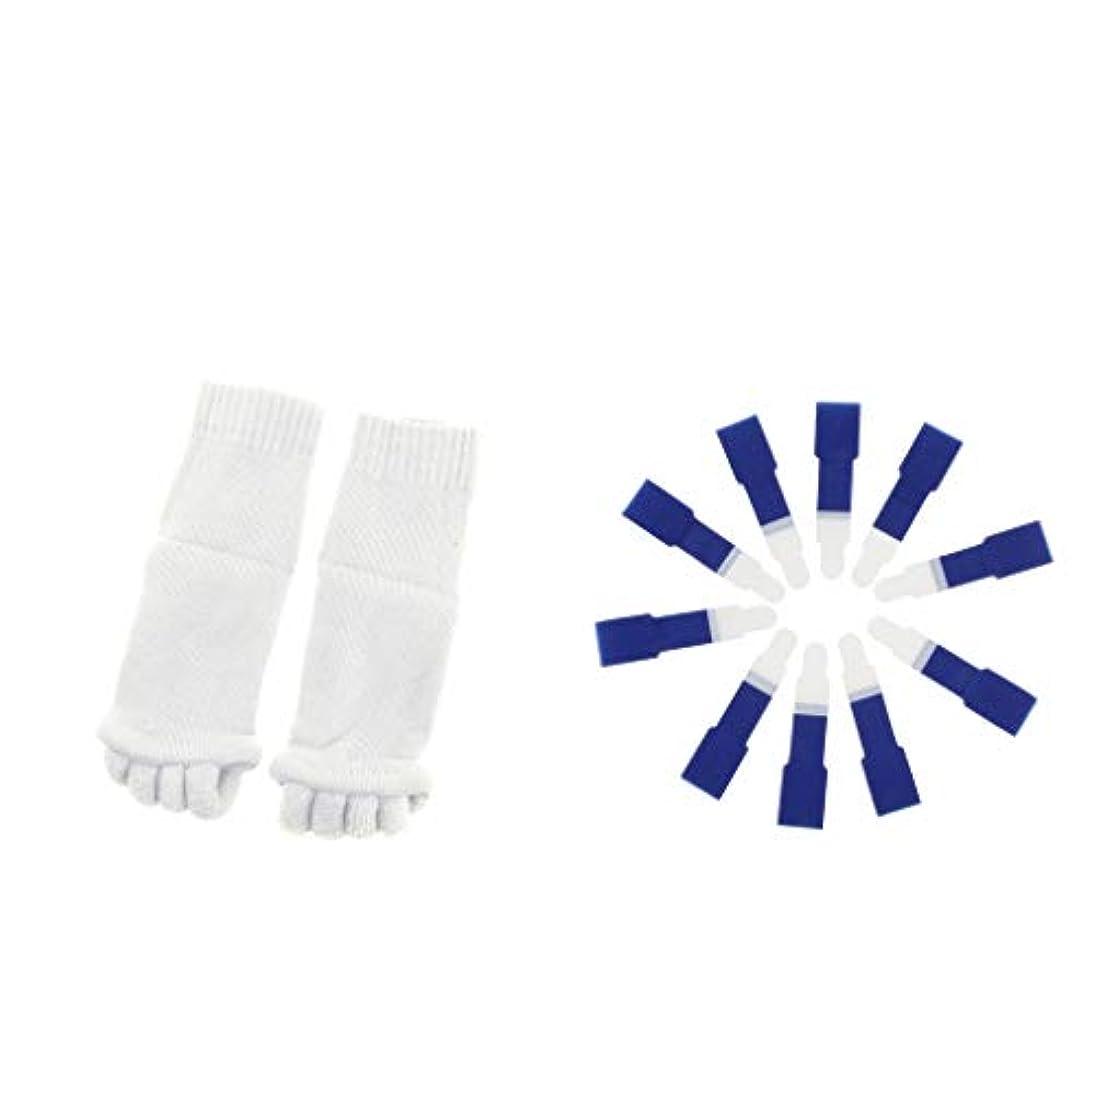 基礎予知連帯dailymall ヨガジムスポーツソックスと洗えるハンマーつま先セパレータースプリント包帯